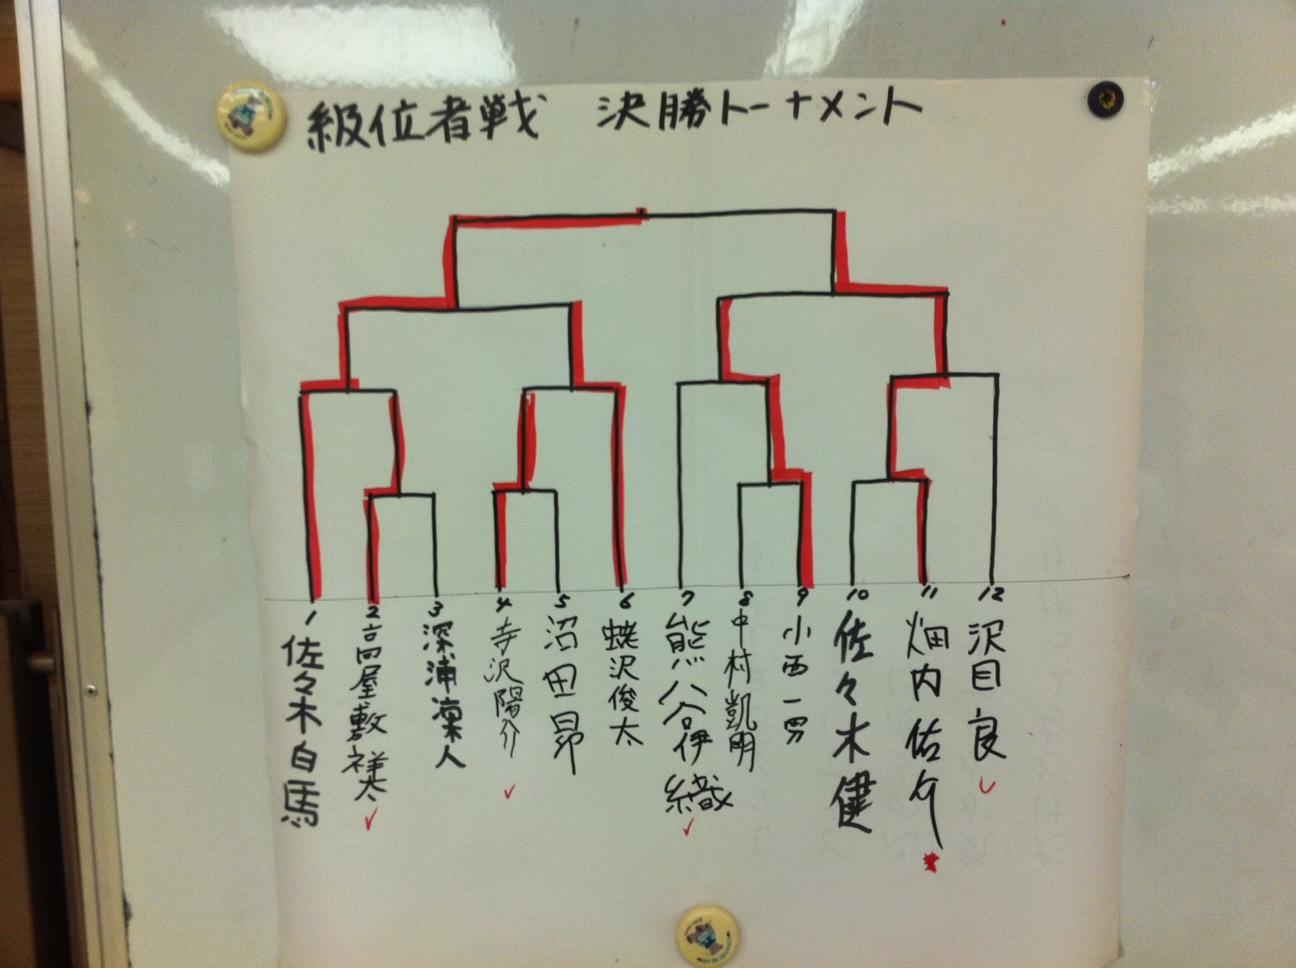 池田修一杯 級位者戦